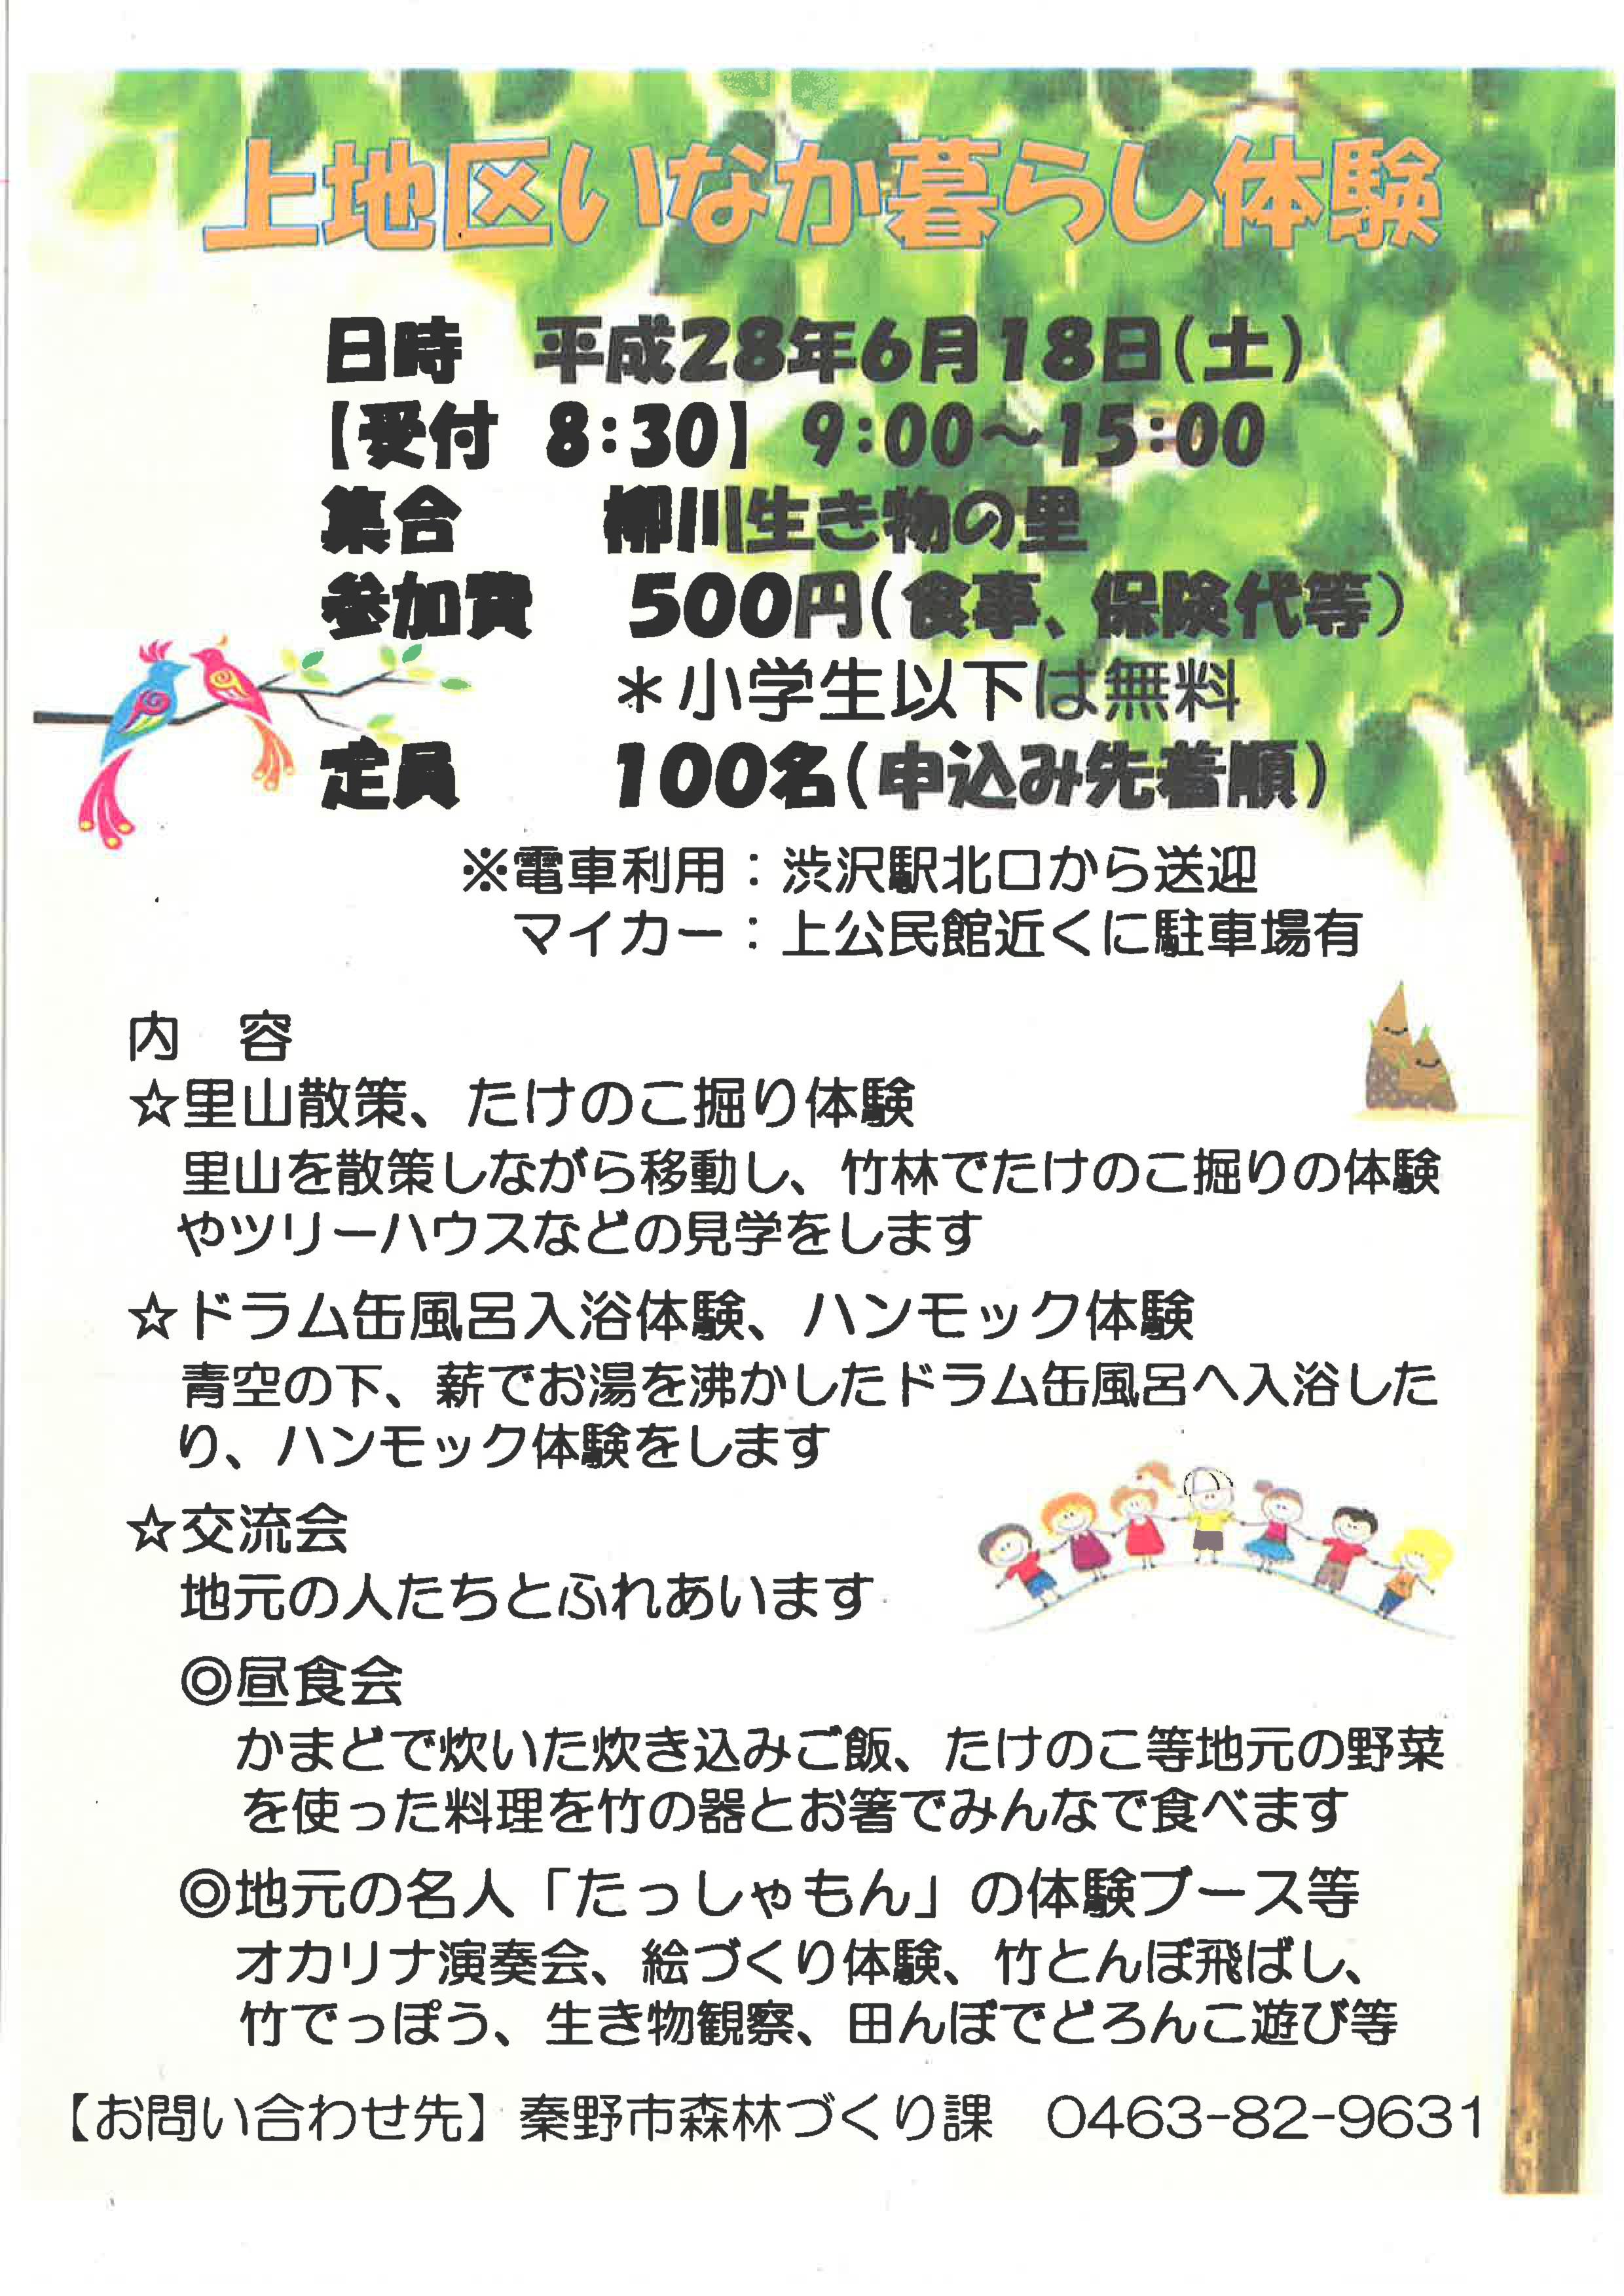 【新潟県】佐渡市地域おこし協力隊を募集中!